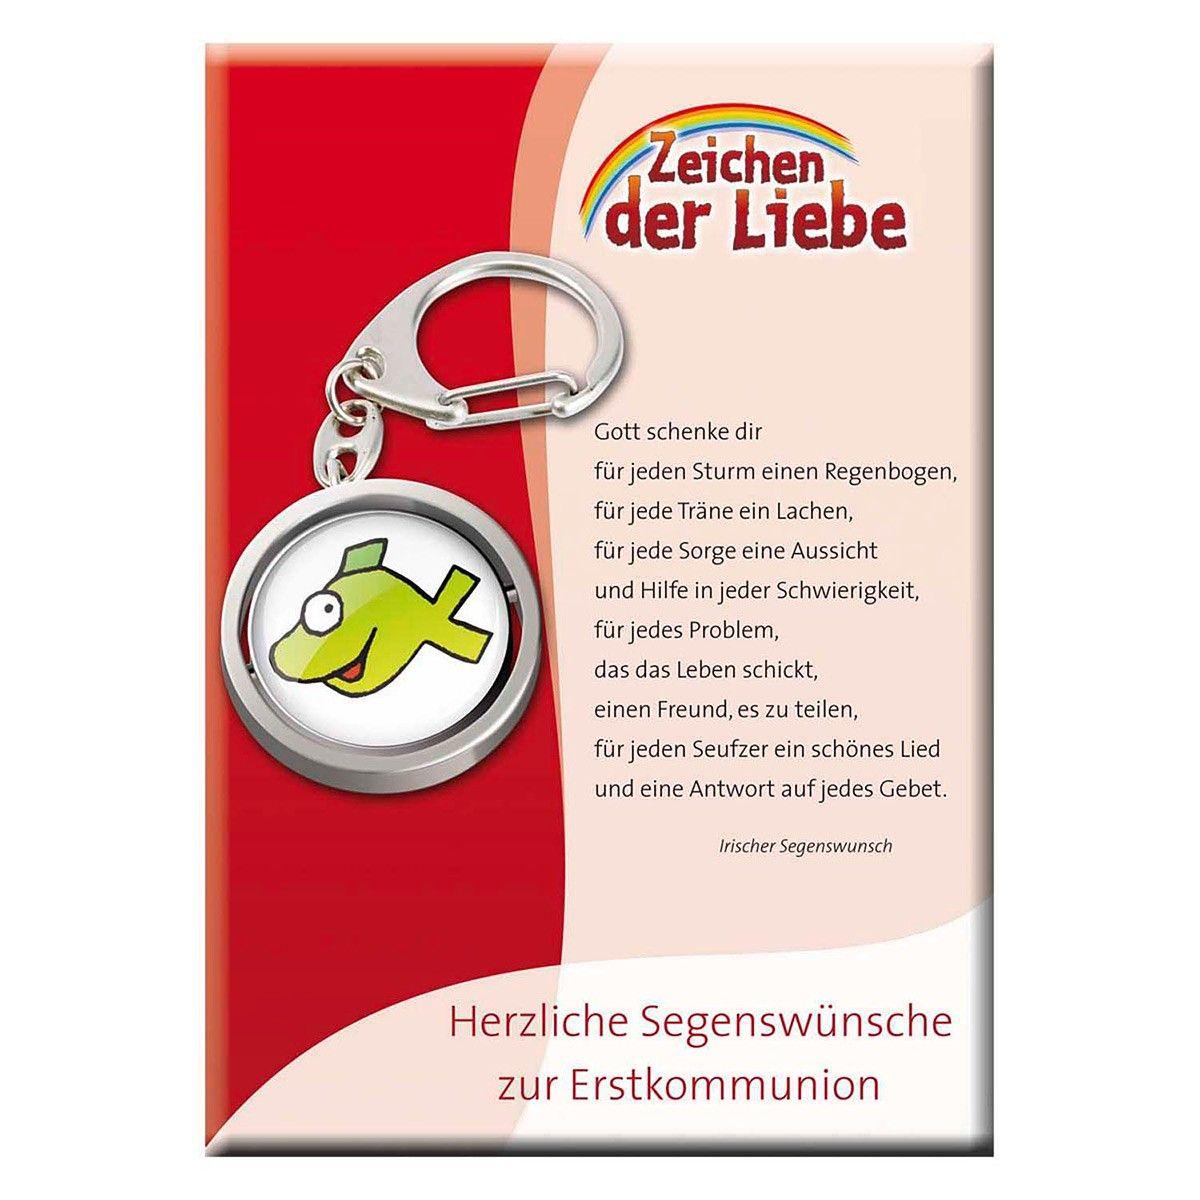 Witziger Schlüsselanhänger Zur #Kommunion   Ein Geeignetes #Geschenk Zur # Erstkommunion U2026 Sprüche ErstkommunionGeschenke ...